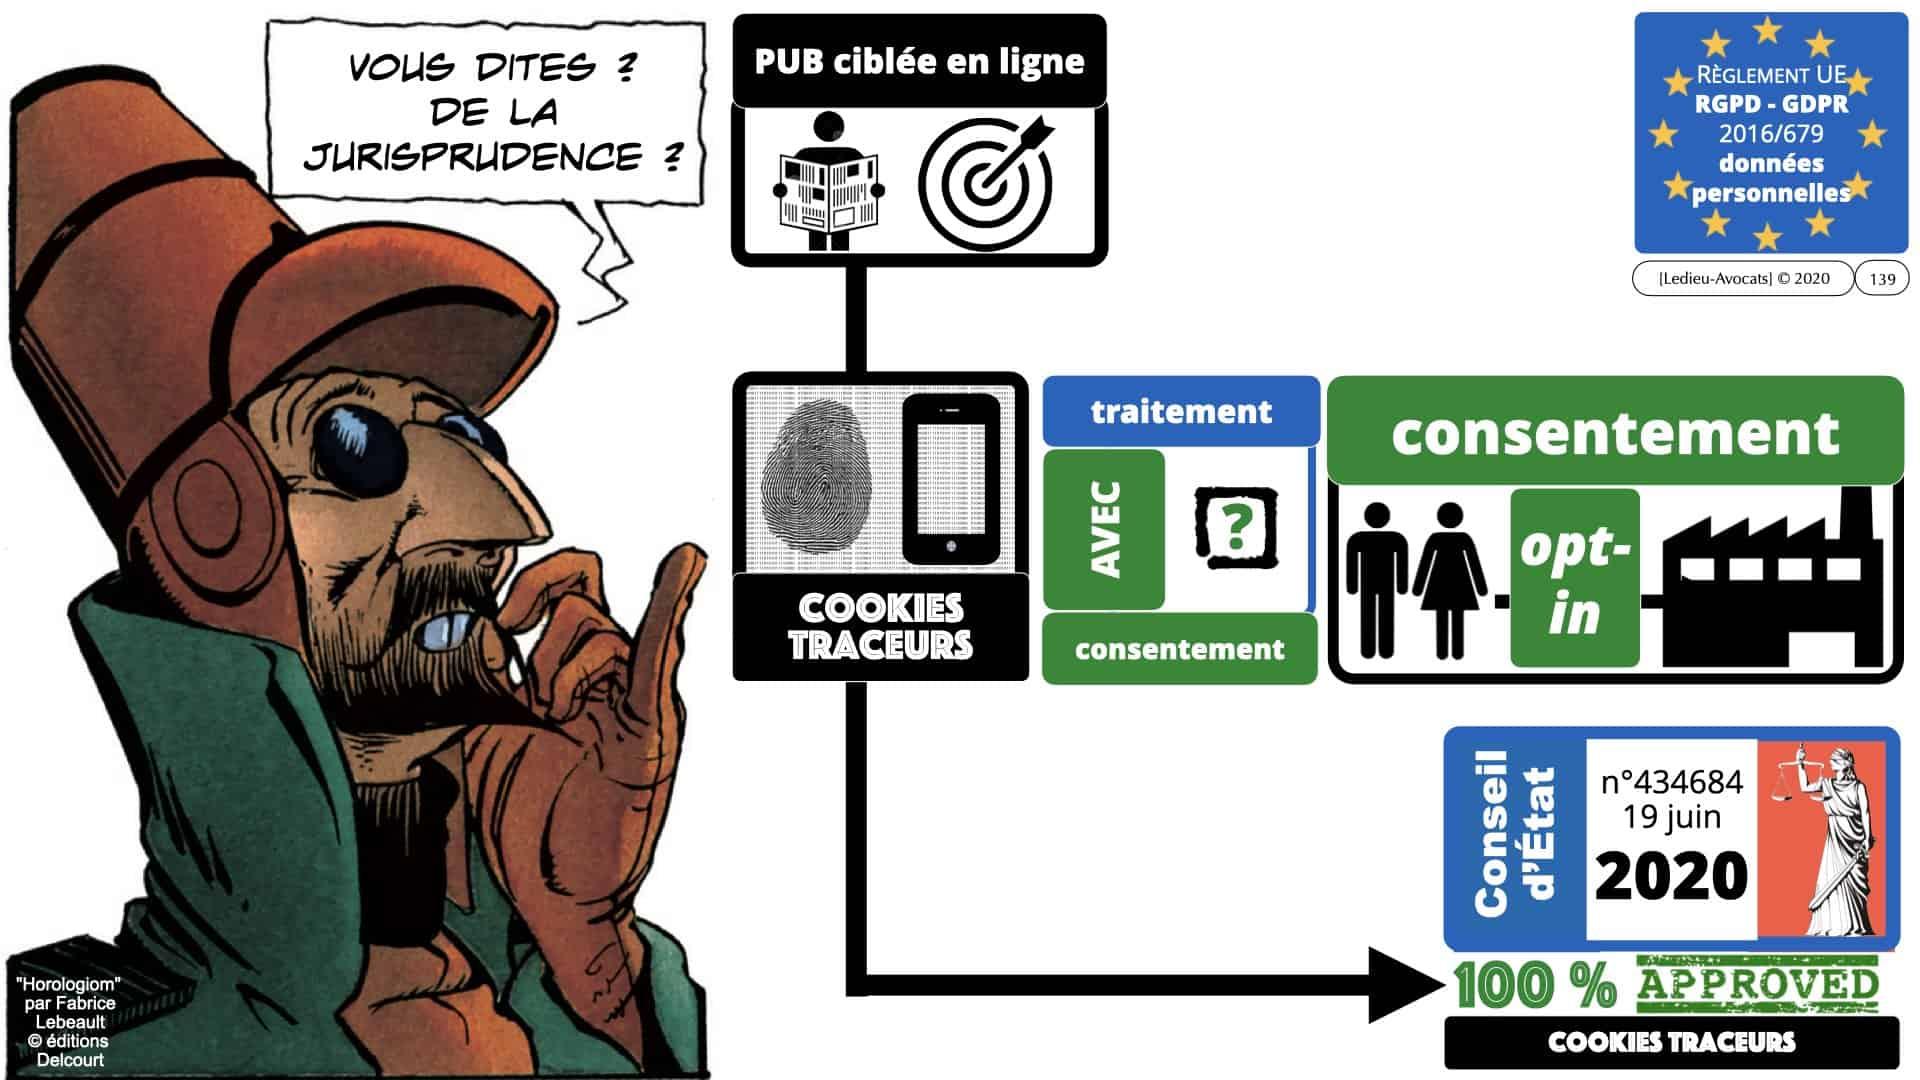 RGPD e-Privacy données personnelles jurisprudence formation Lamy Les Echos 10-02-2021 ©Ledieu-Avocats.139